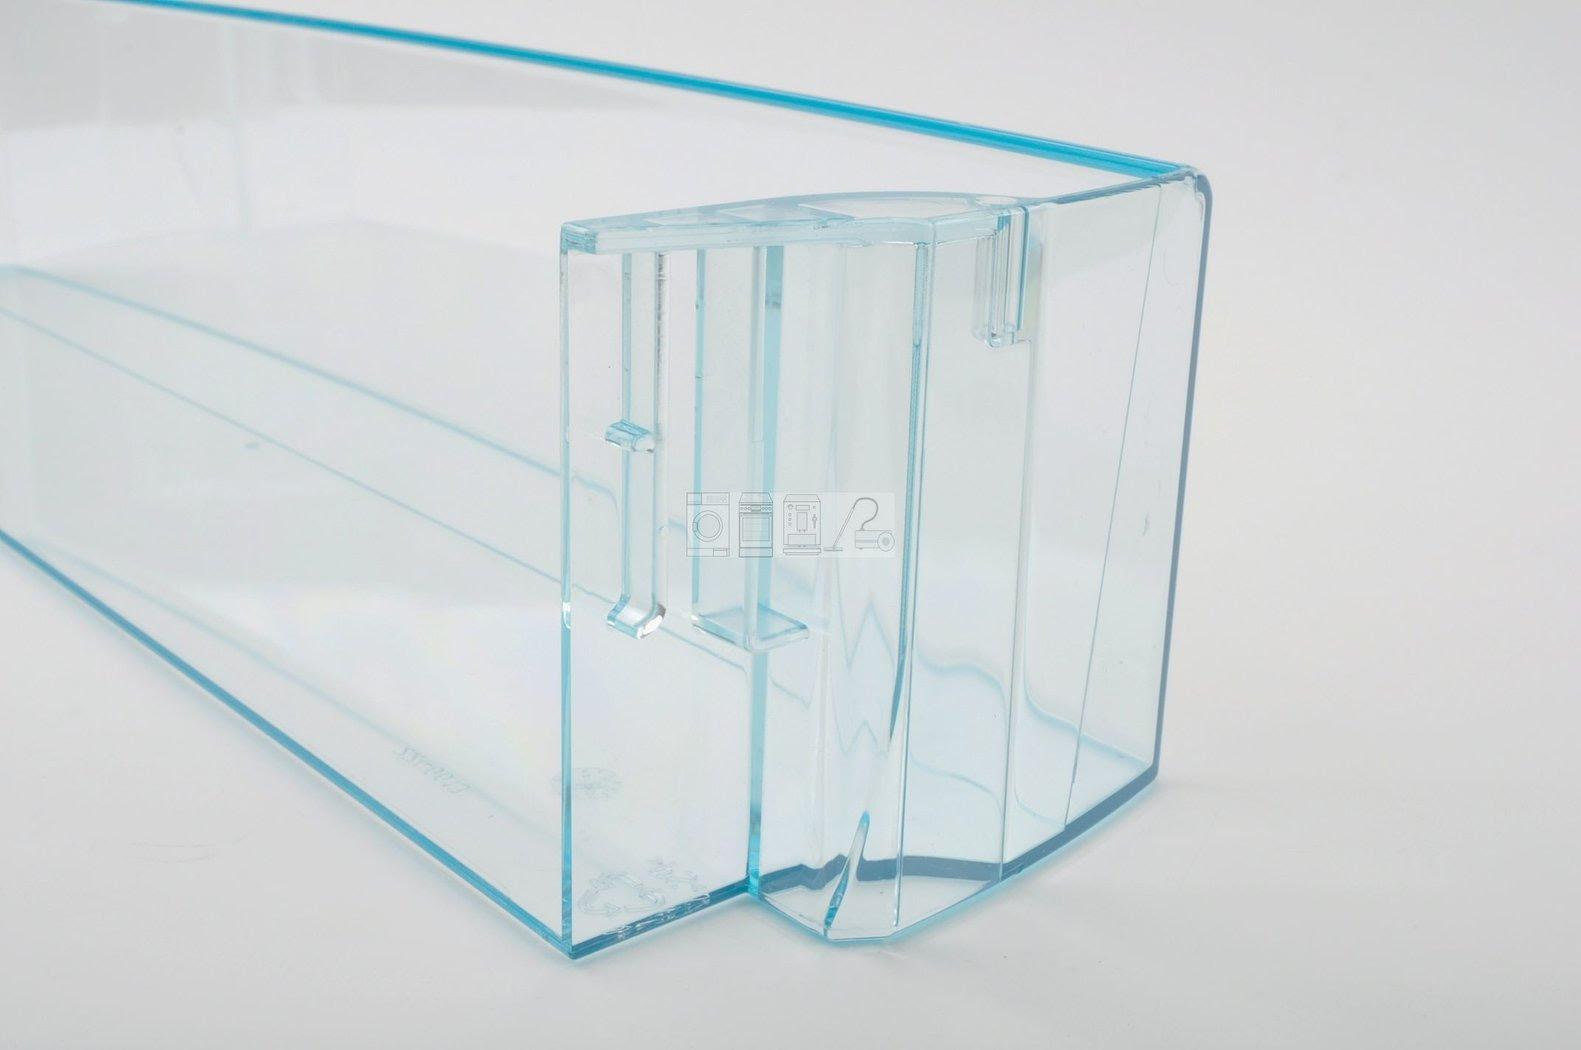 Siemens Kühlschrank Zubehör : Ersatzteile privileg kühlschrank flaschenfach richard